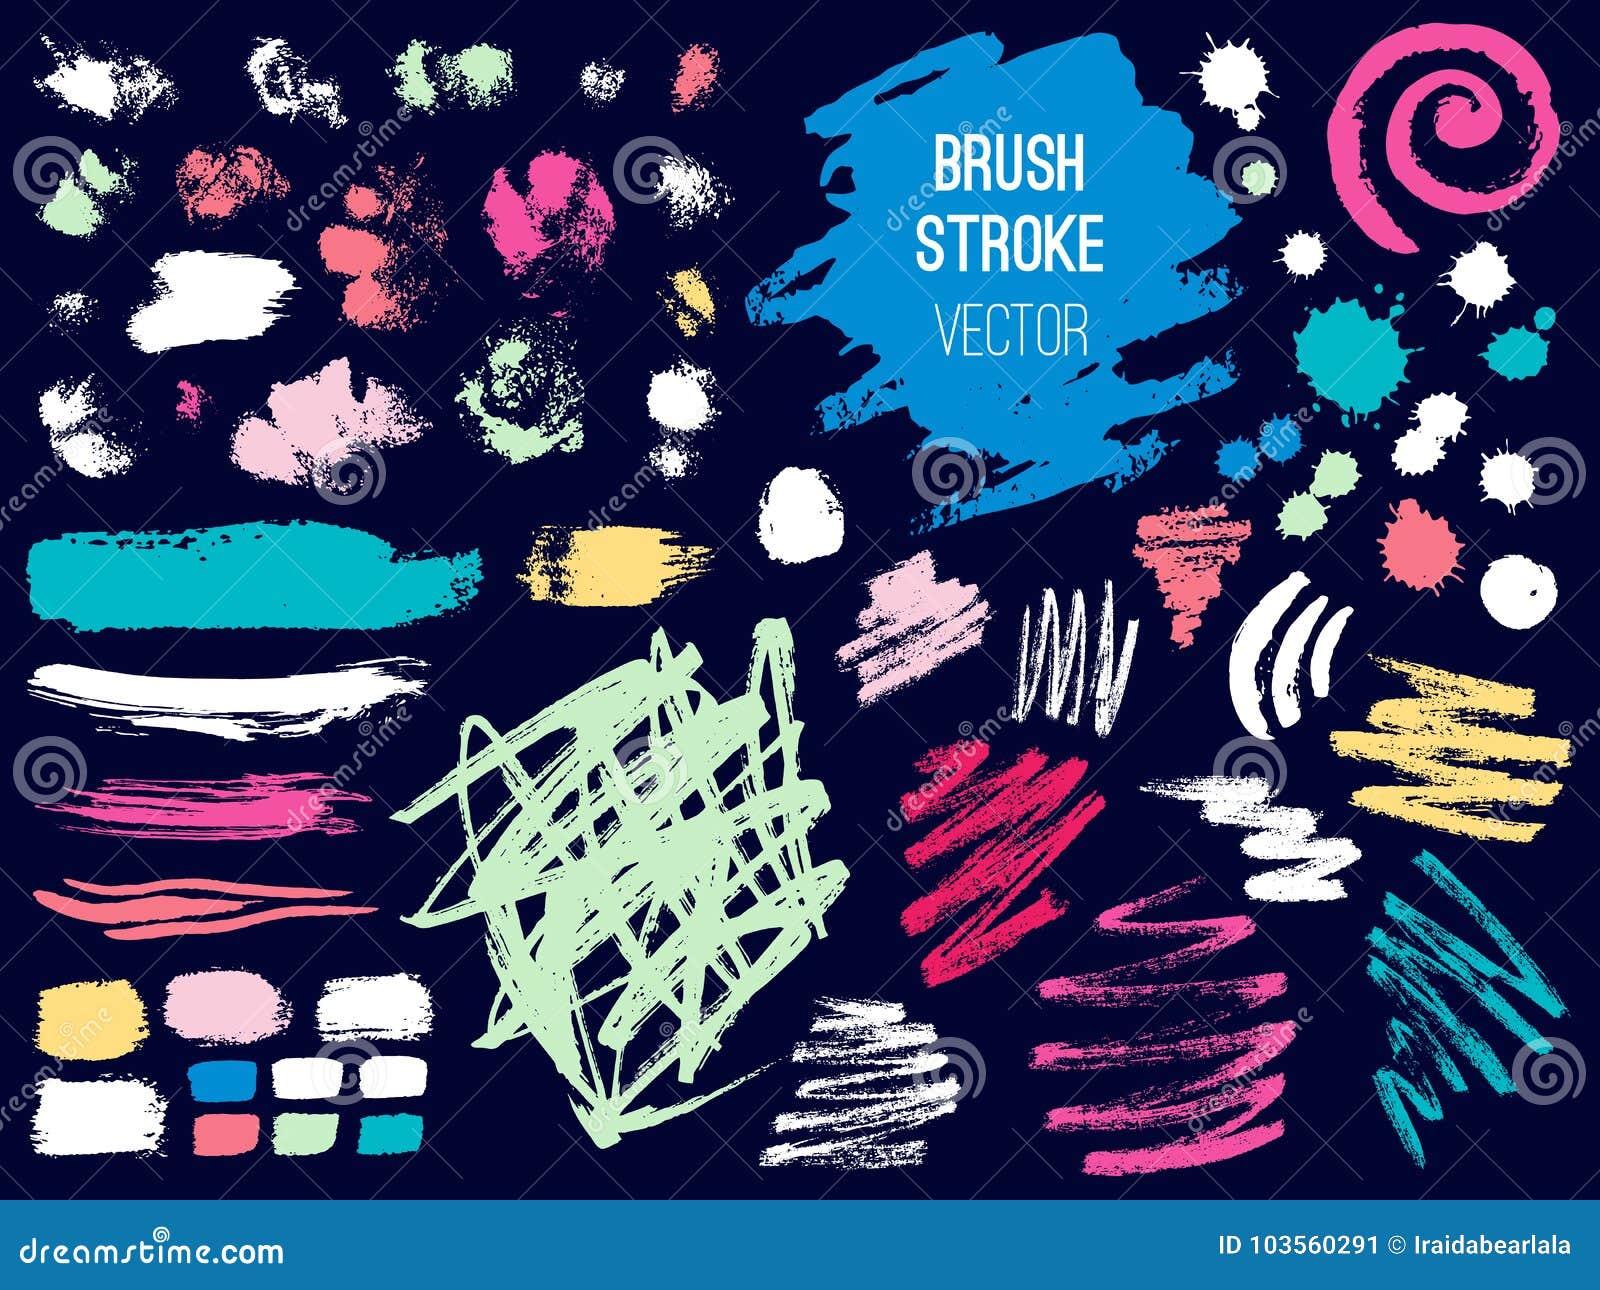 set stroke spot blod brush pen marker chalk stock illustration